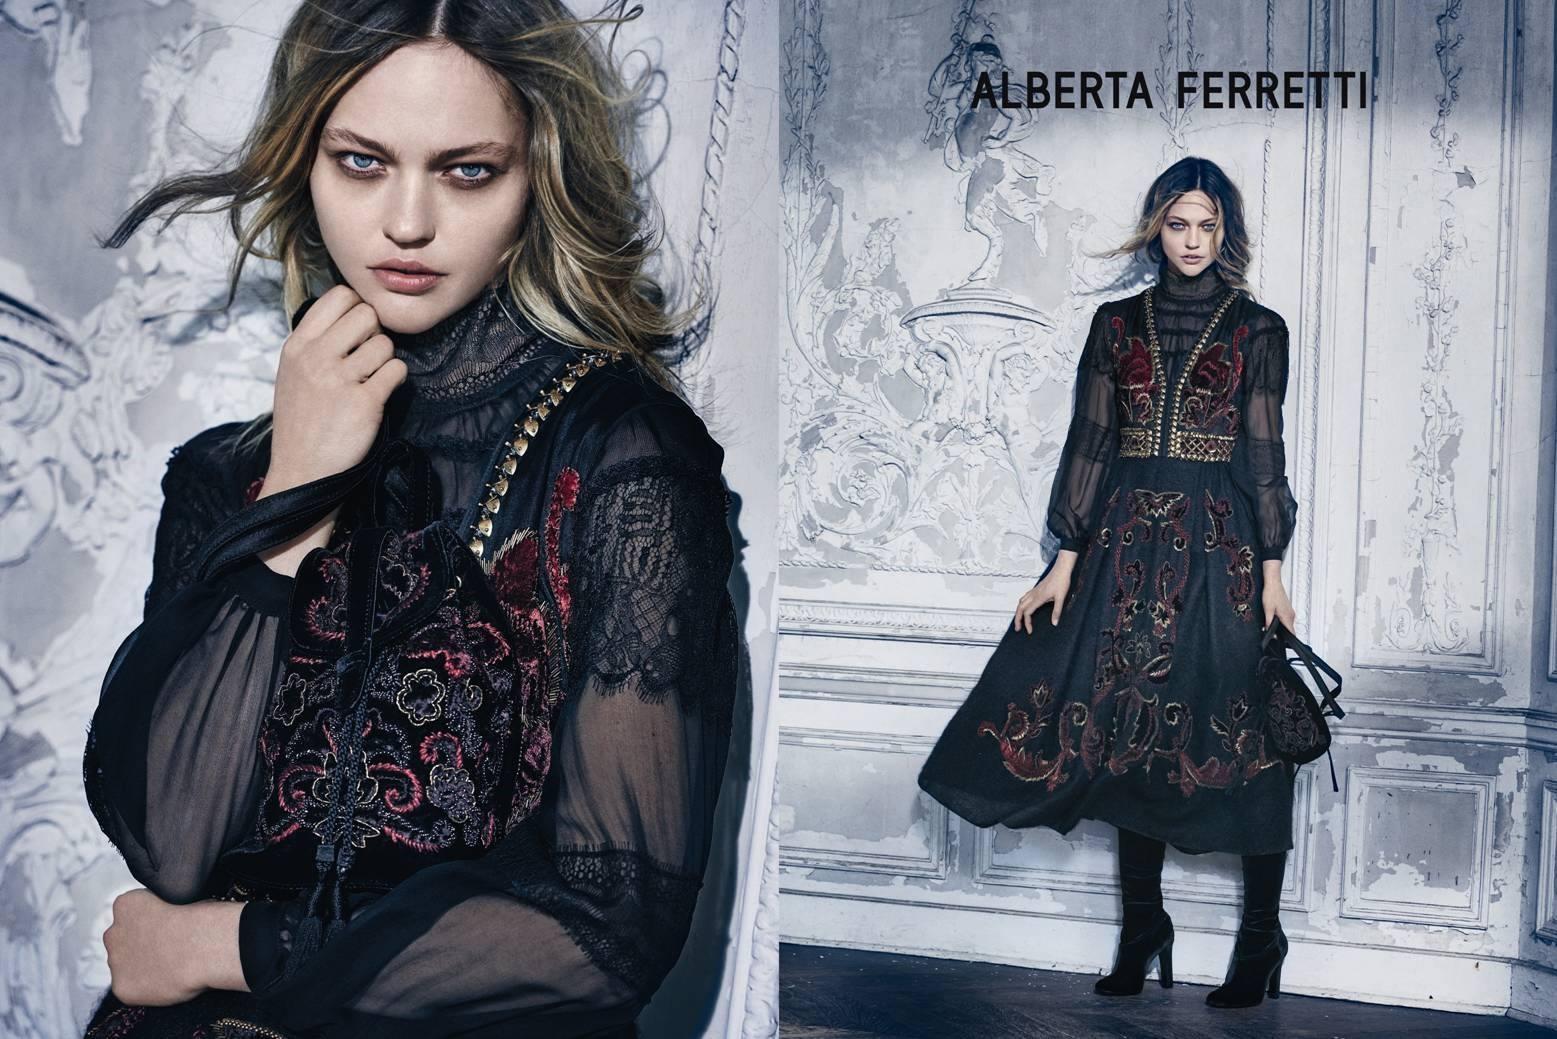 ALBERTA FERRETTI CAMPAGNA PUBBLICITARIA AUTUNNO/INVERNO 2015/2016